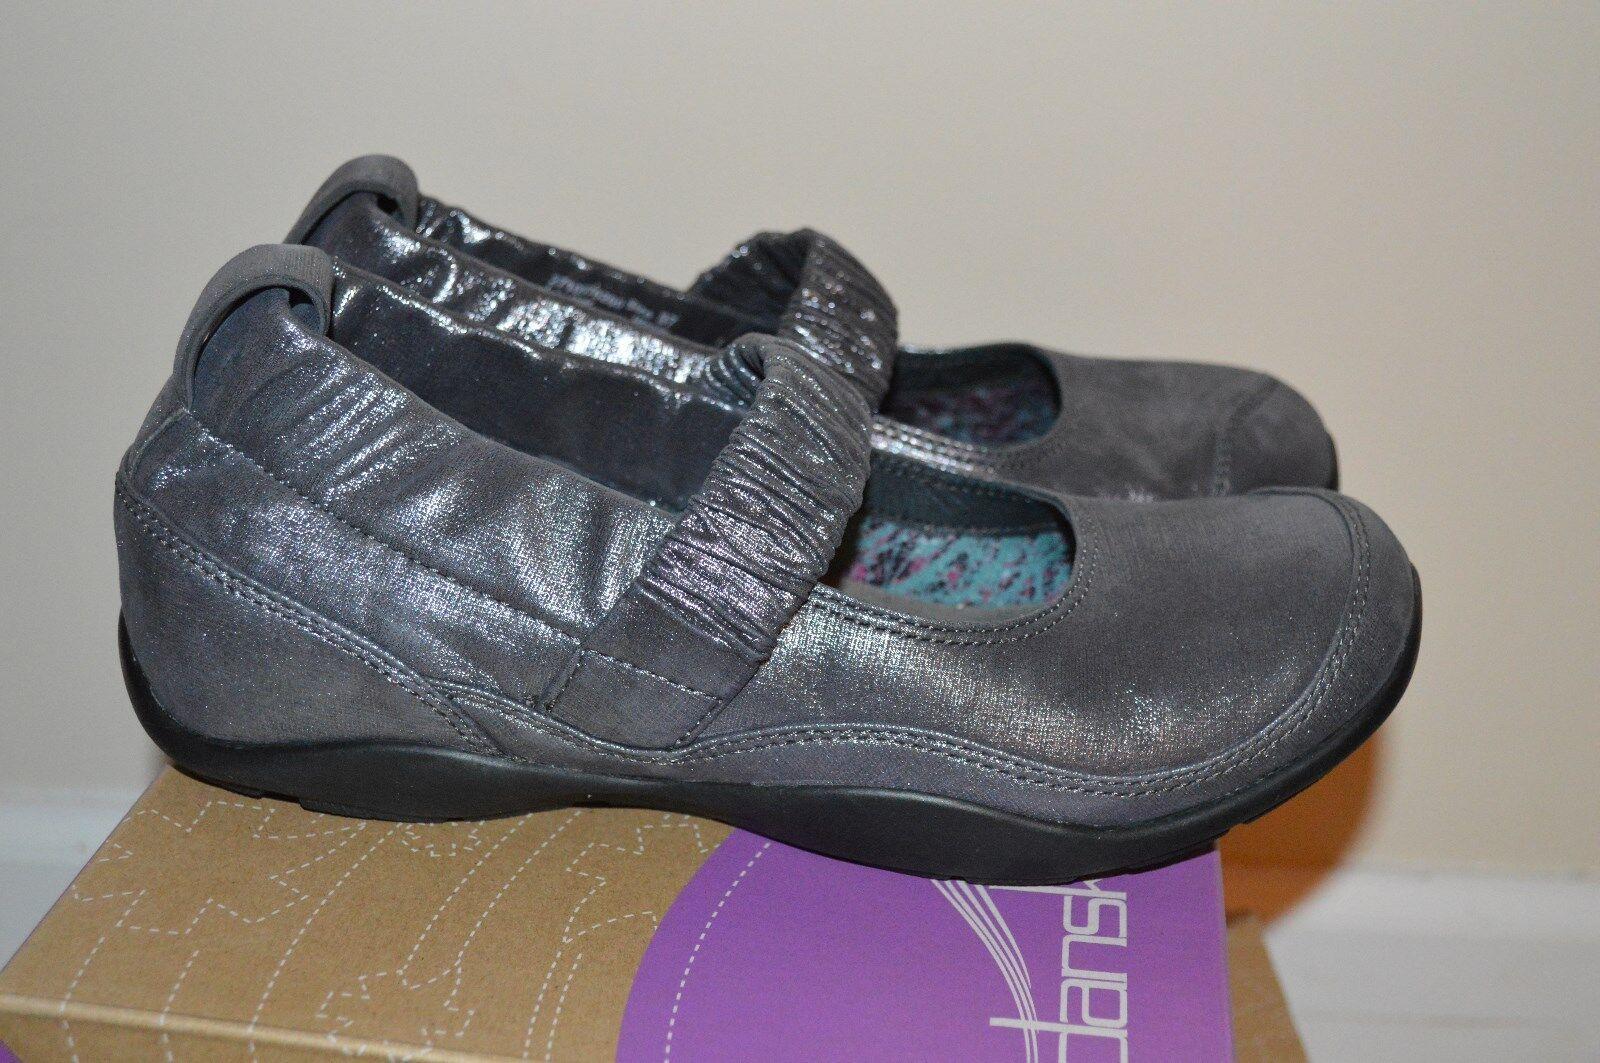 Nuevos Zapatos Zuecos flores MJ comodidad Chrissy Brillo Gamuza  Nuevo en Caja Estaño Maryjane